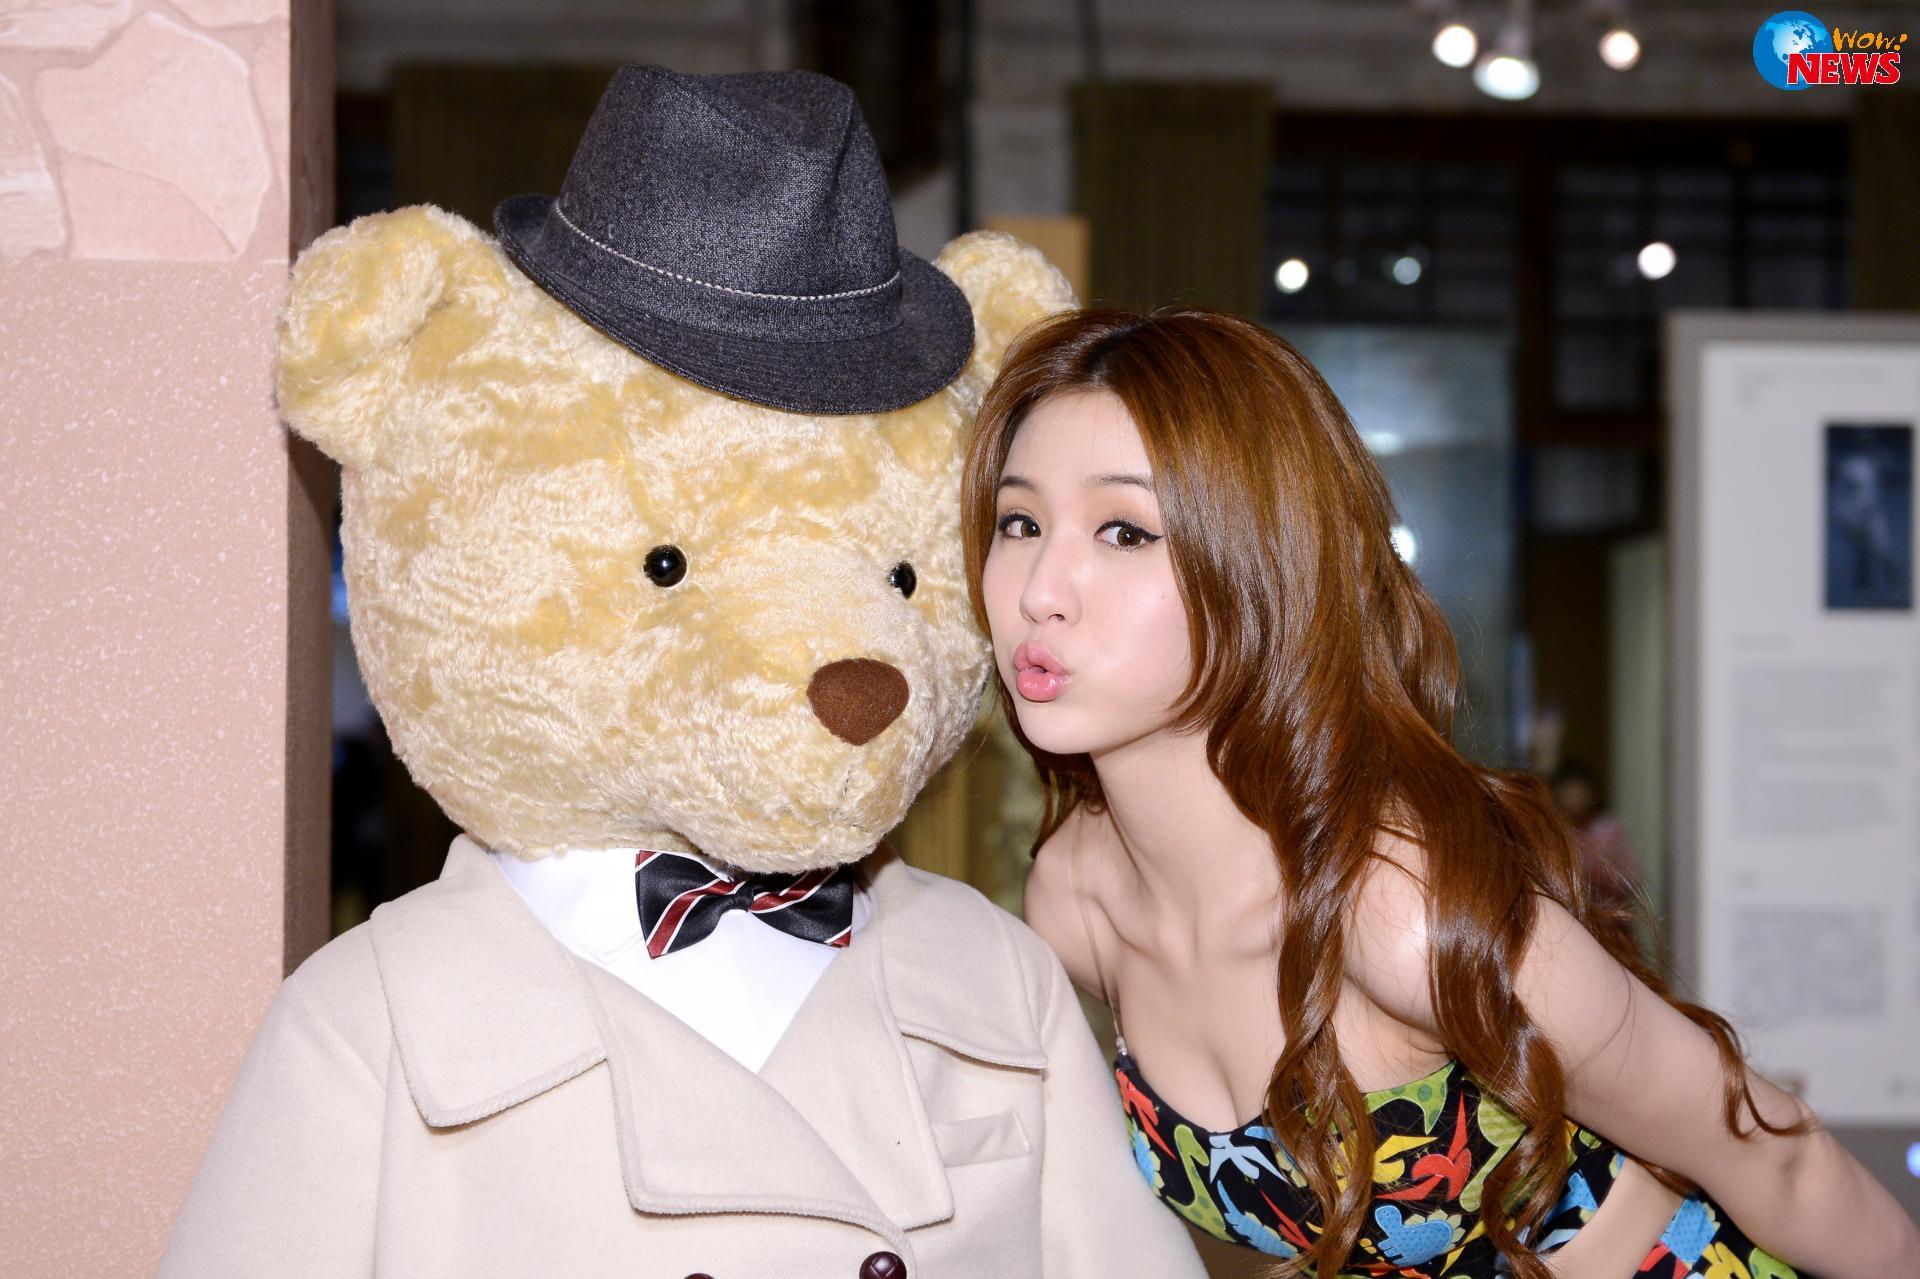 teddy bears wow news